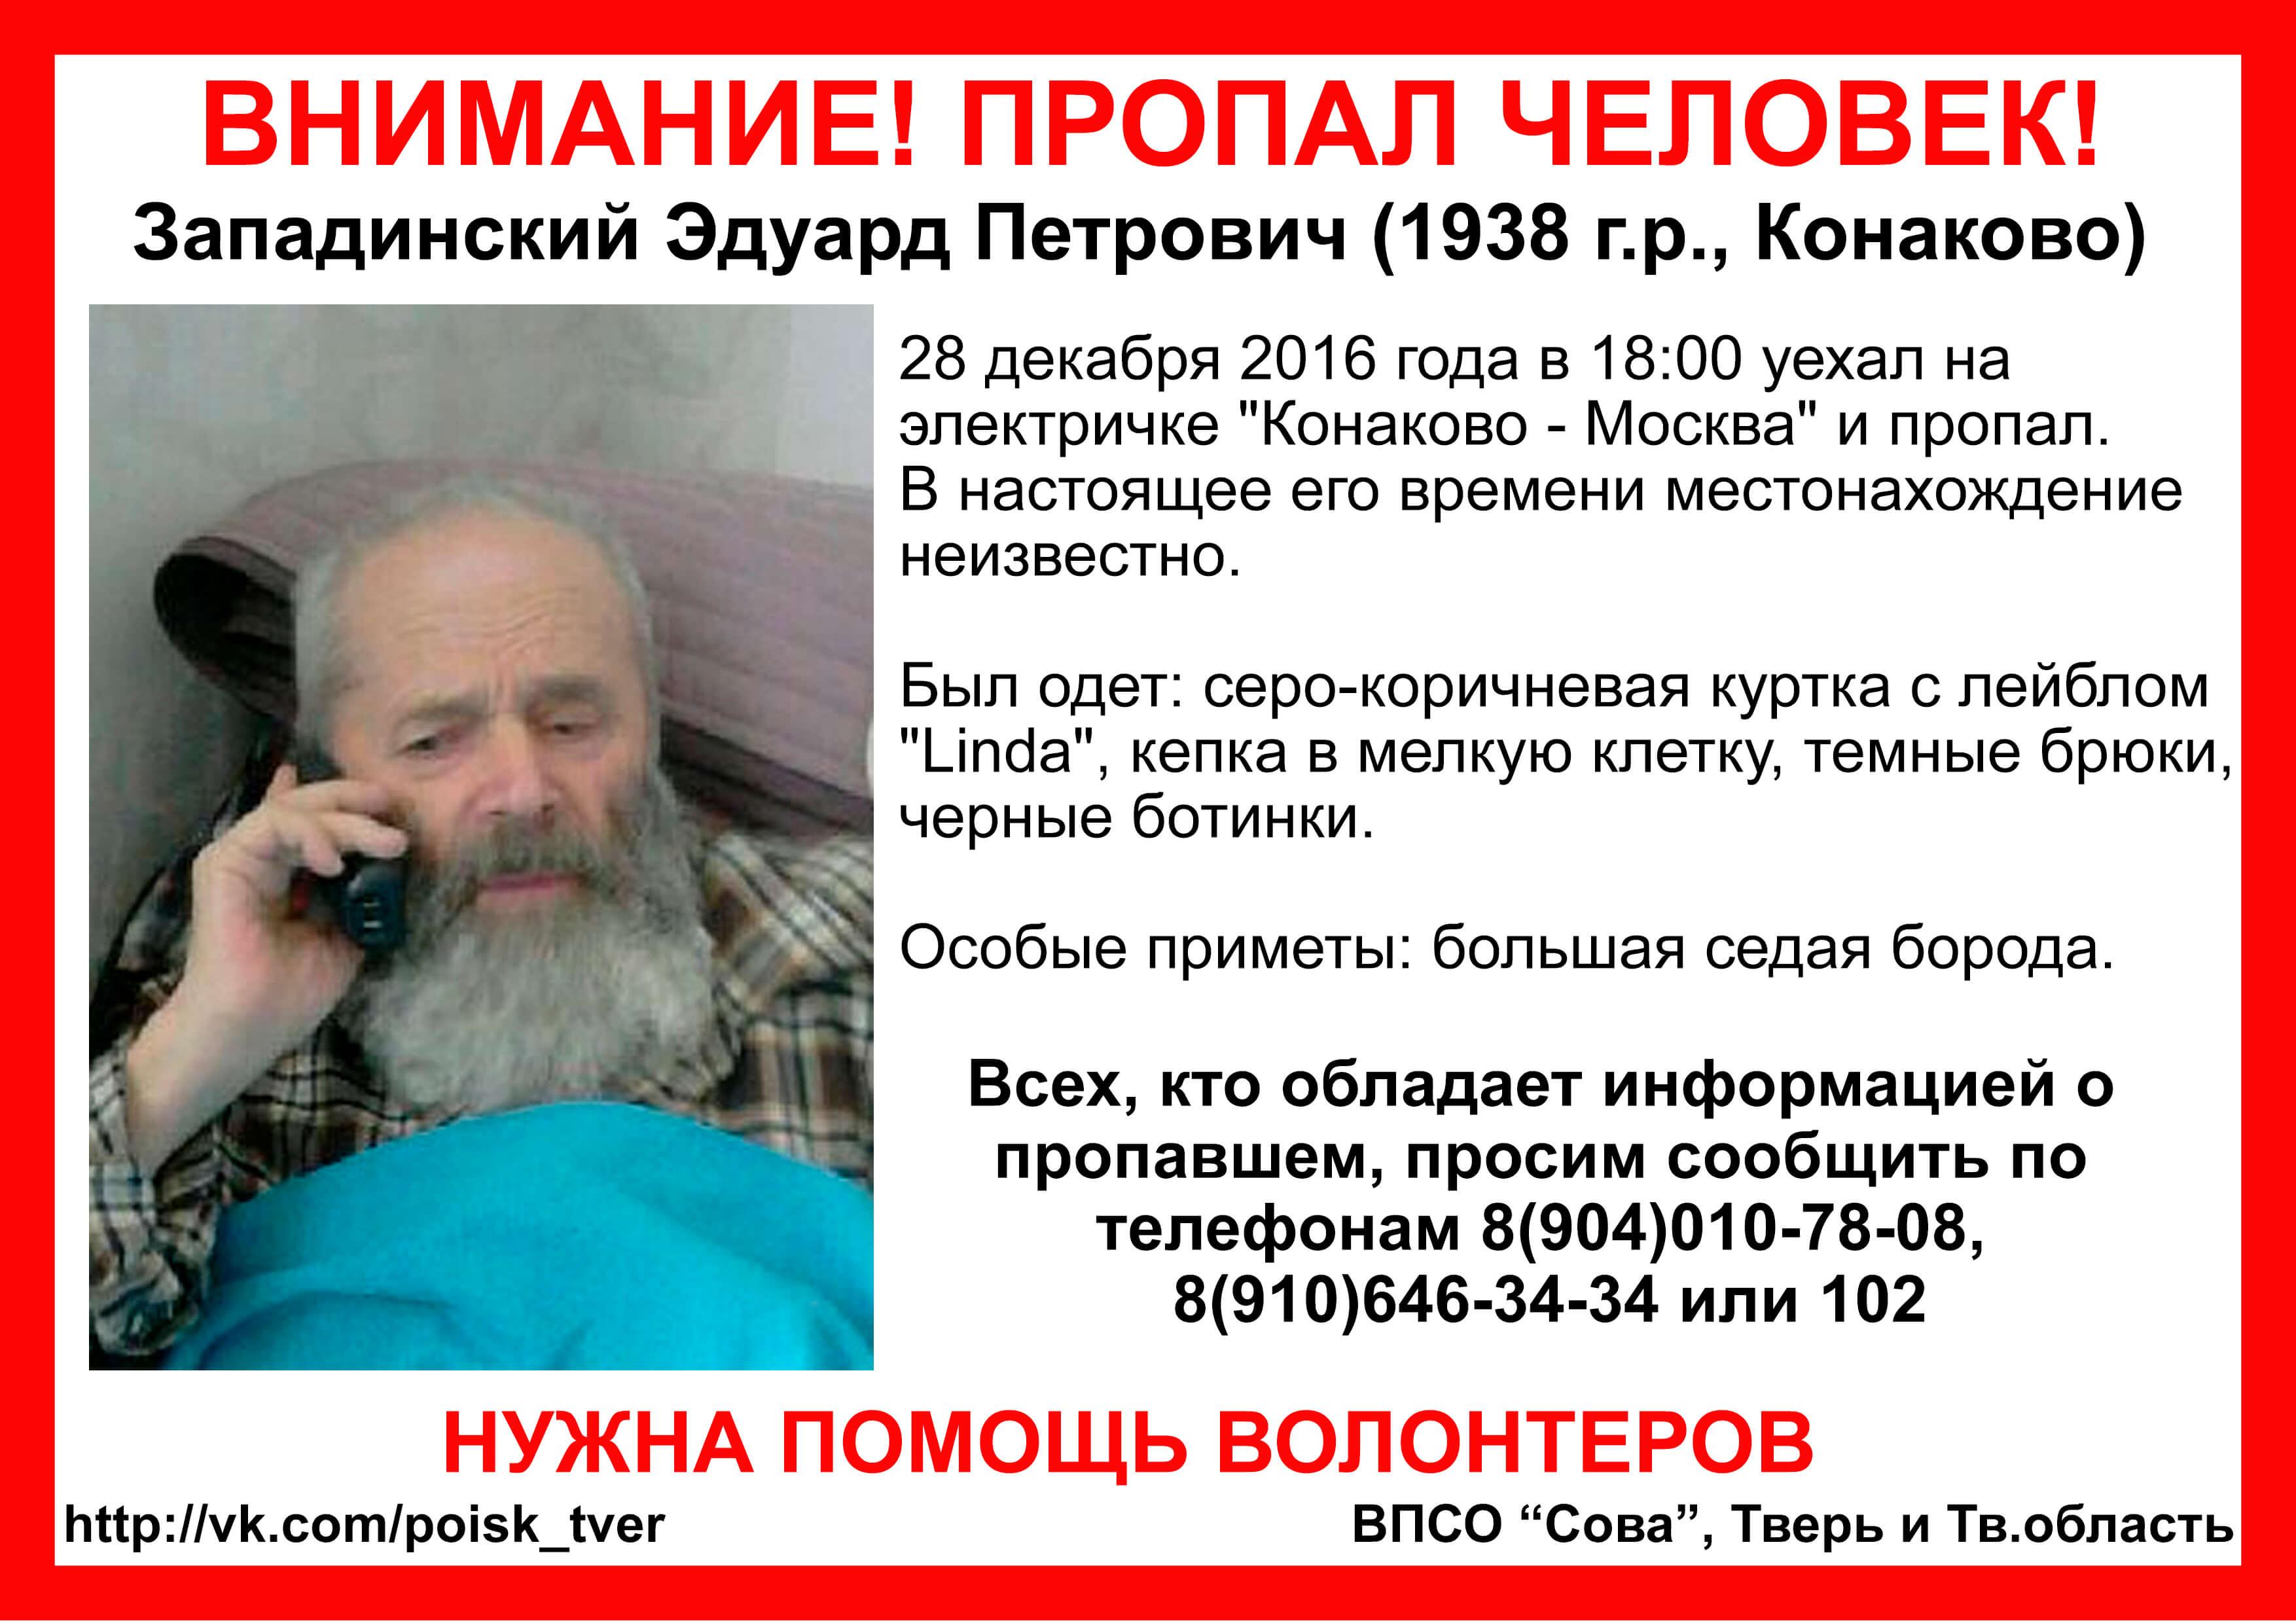 (Найден, погиб) В Тверской области пропал Эдуард Западинский